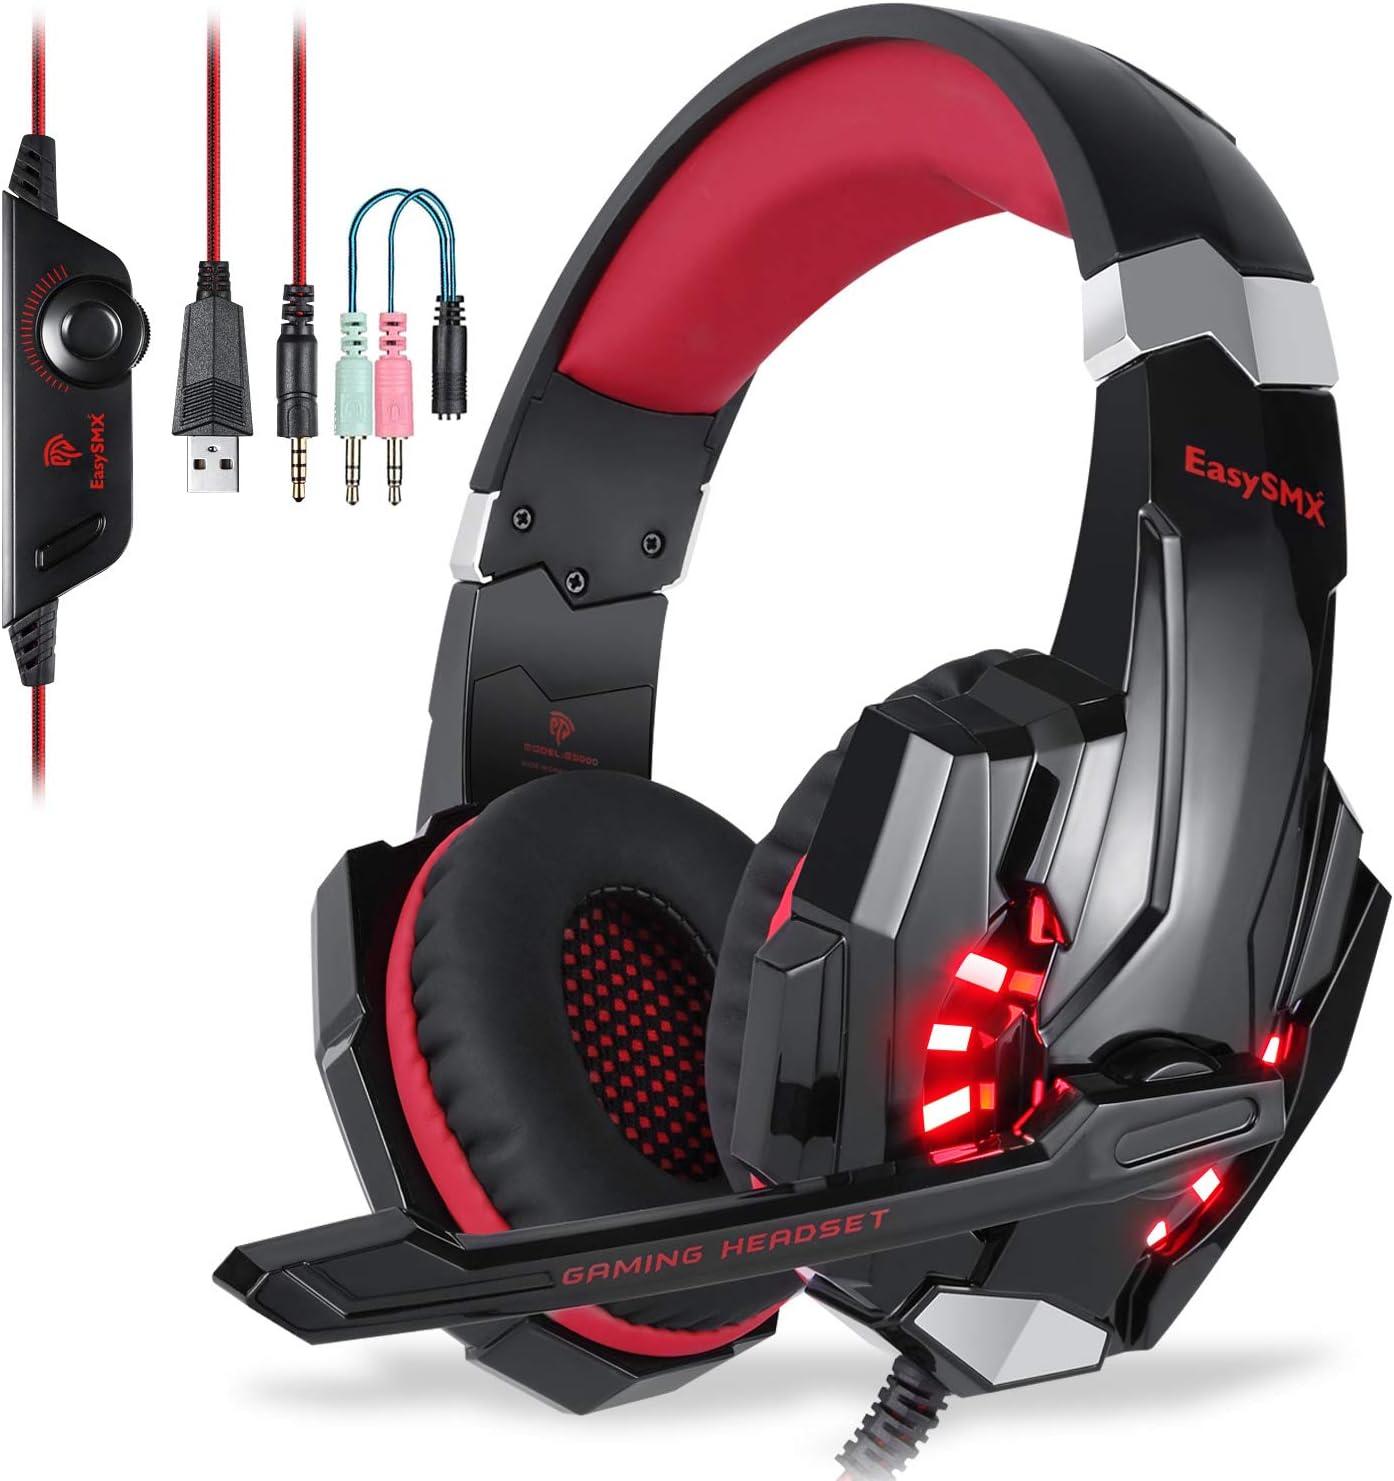 EasySMX Auriculares estéreo con cable y micrófono, luz LED, volumen en línea y control de silencio para nueva Xbox One, PC, Mac, computadora portátil, teléfono inteligente y PS4 3.5mm Negro y Rojo